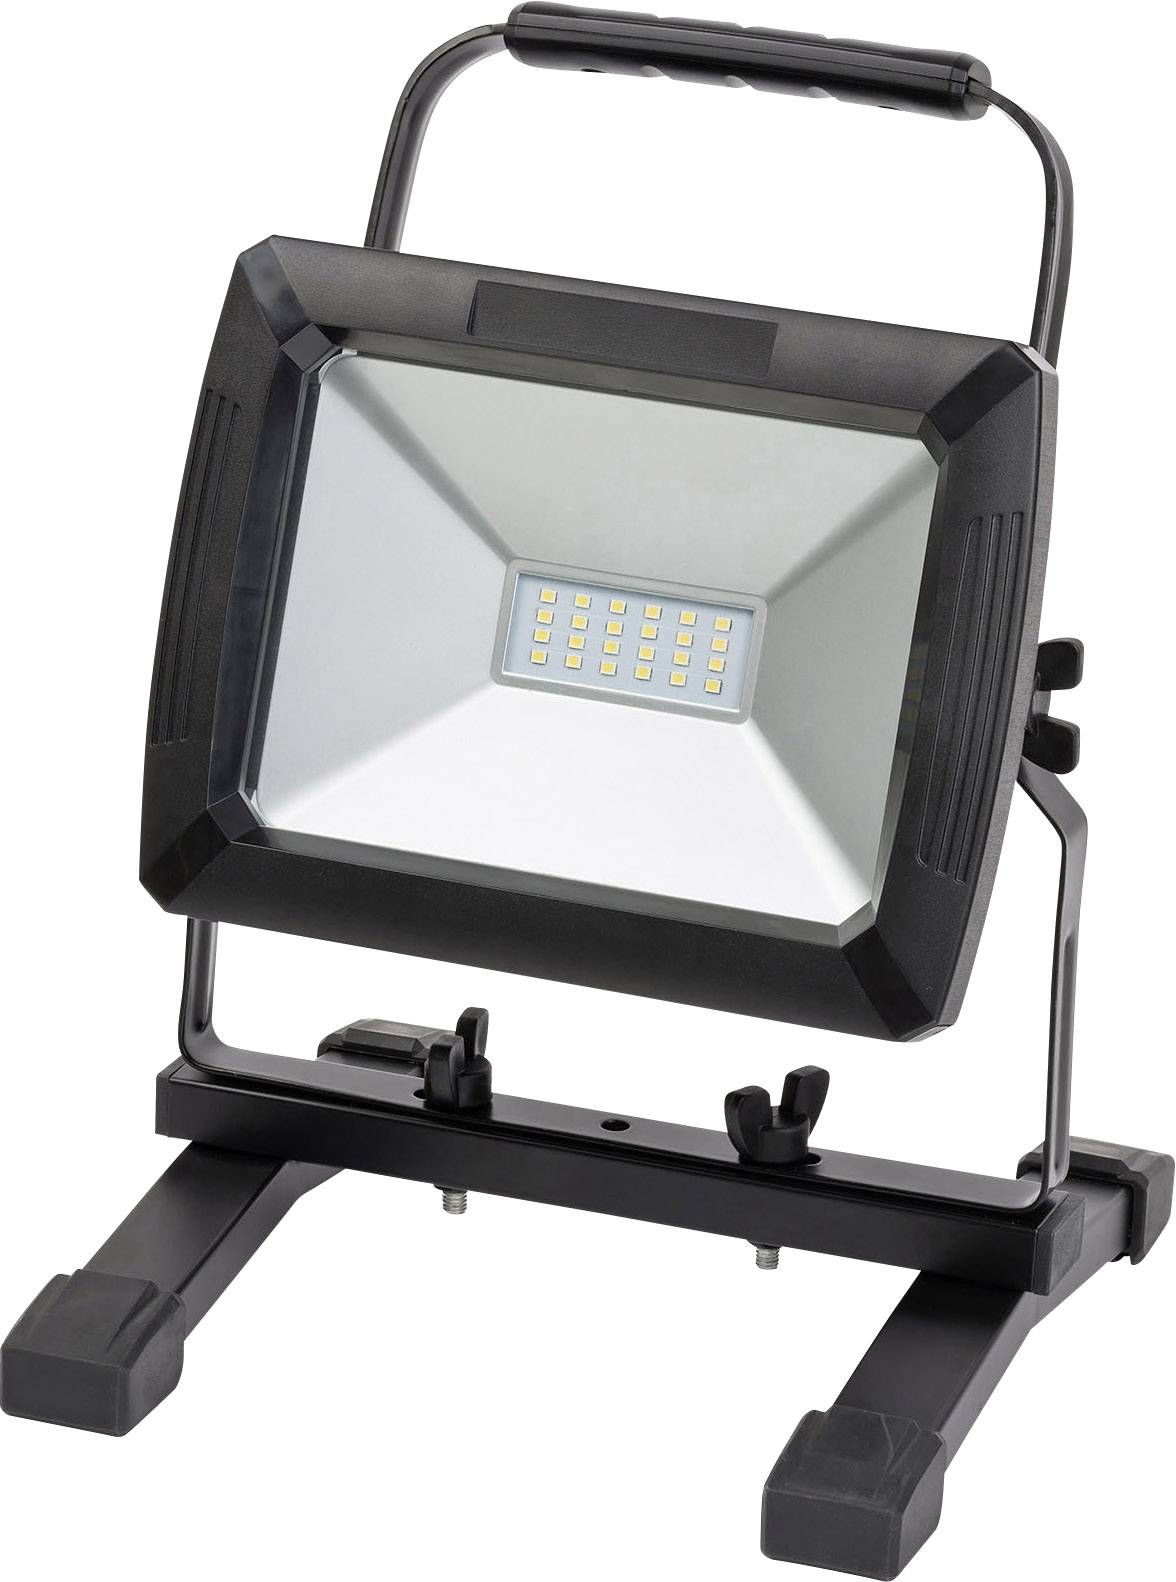 Akumulátorové LED pracovní osvětlení a powerbanka 2 v 1 Brennenstuhl 1171260211, 20 W, USB